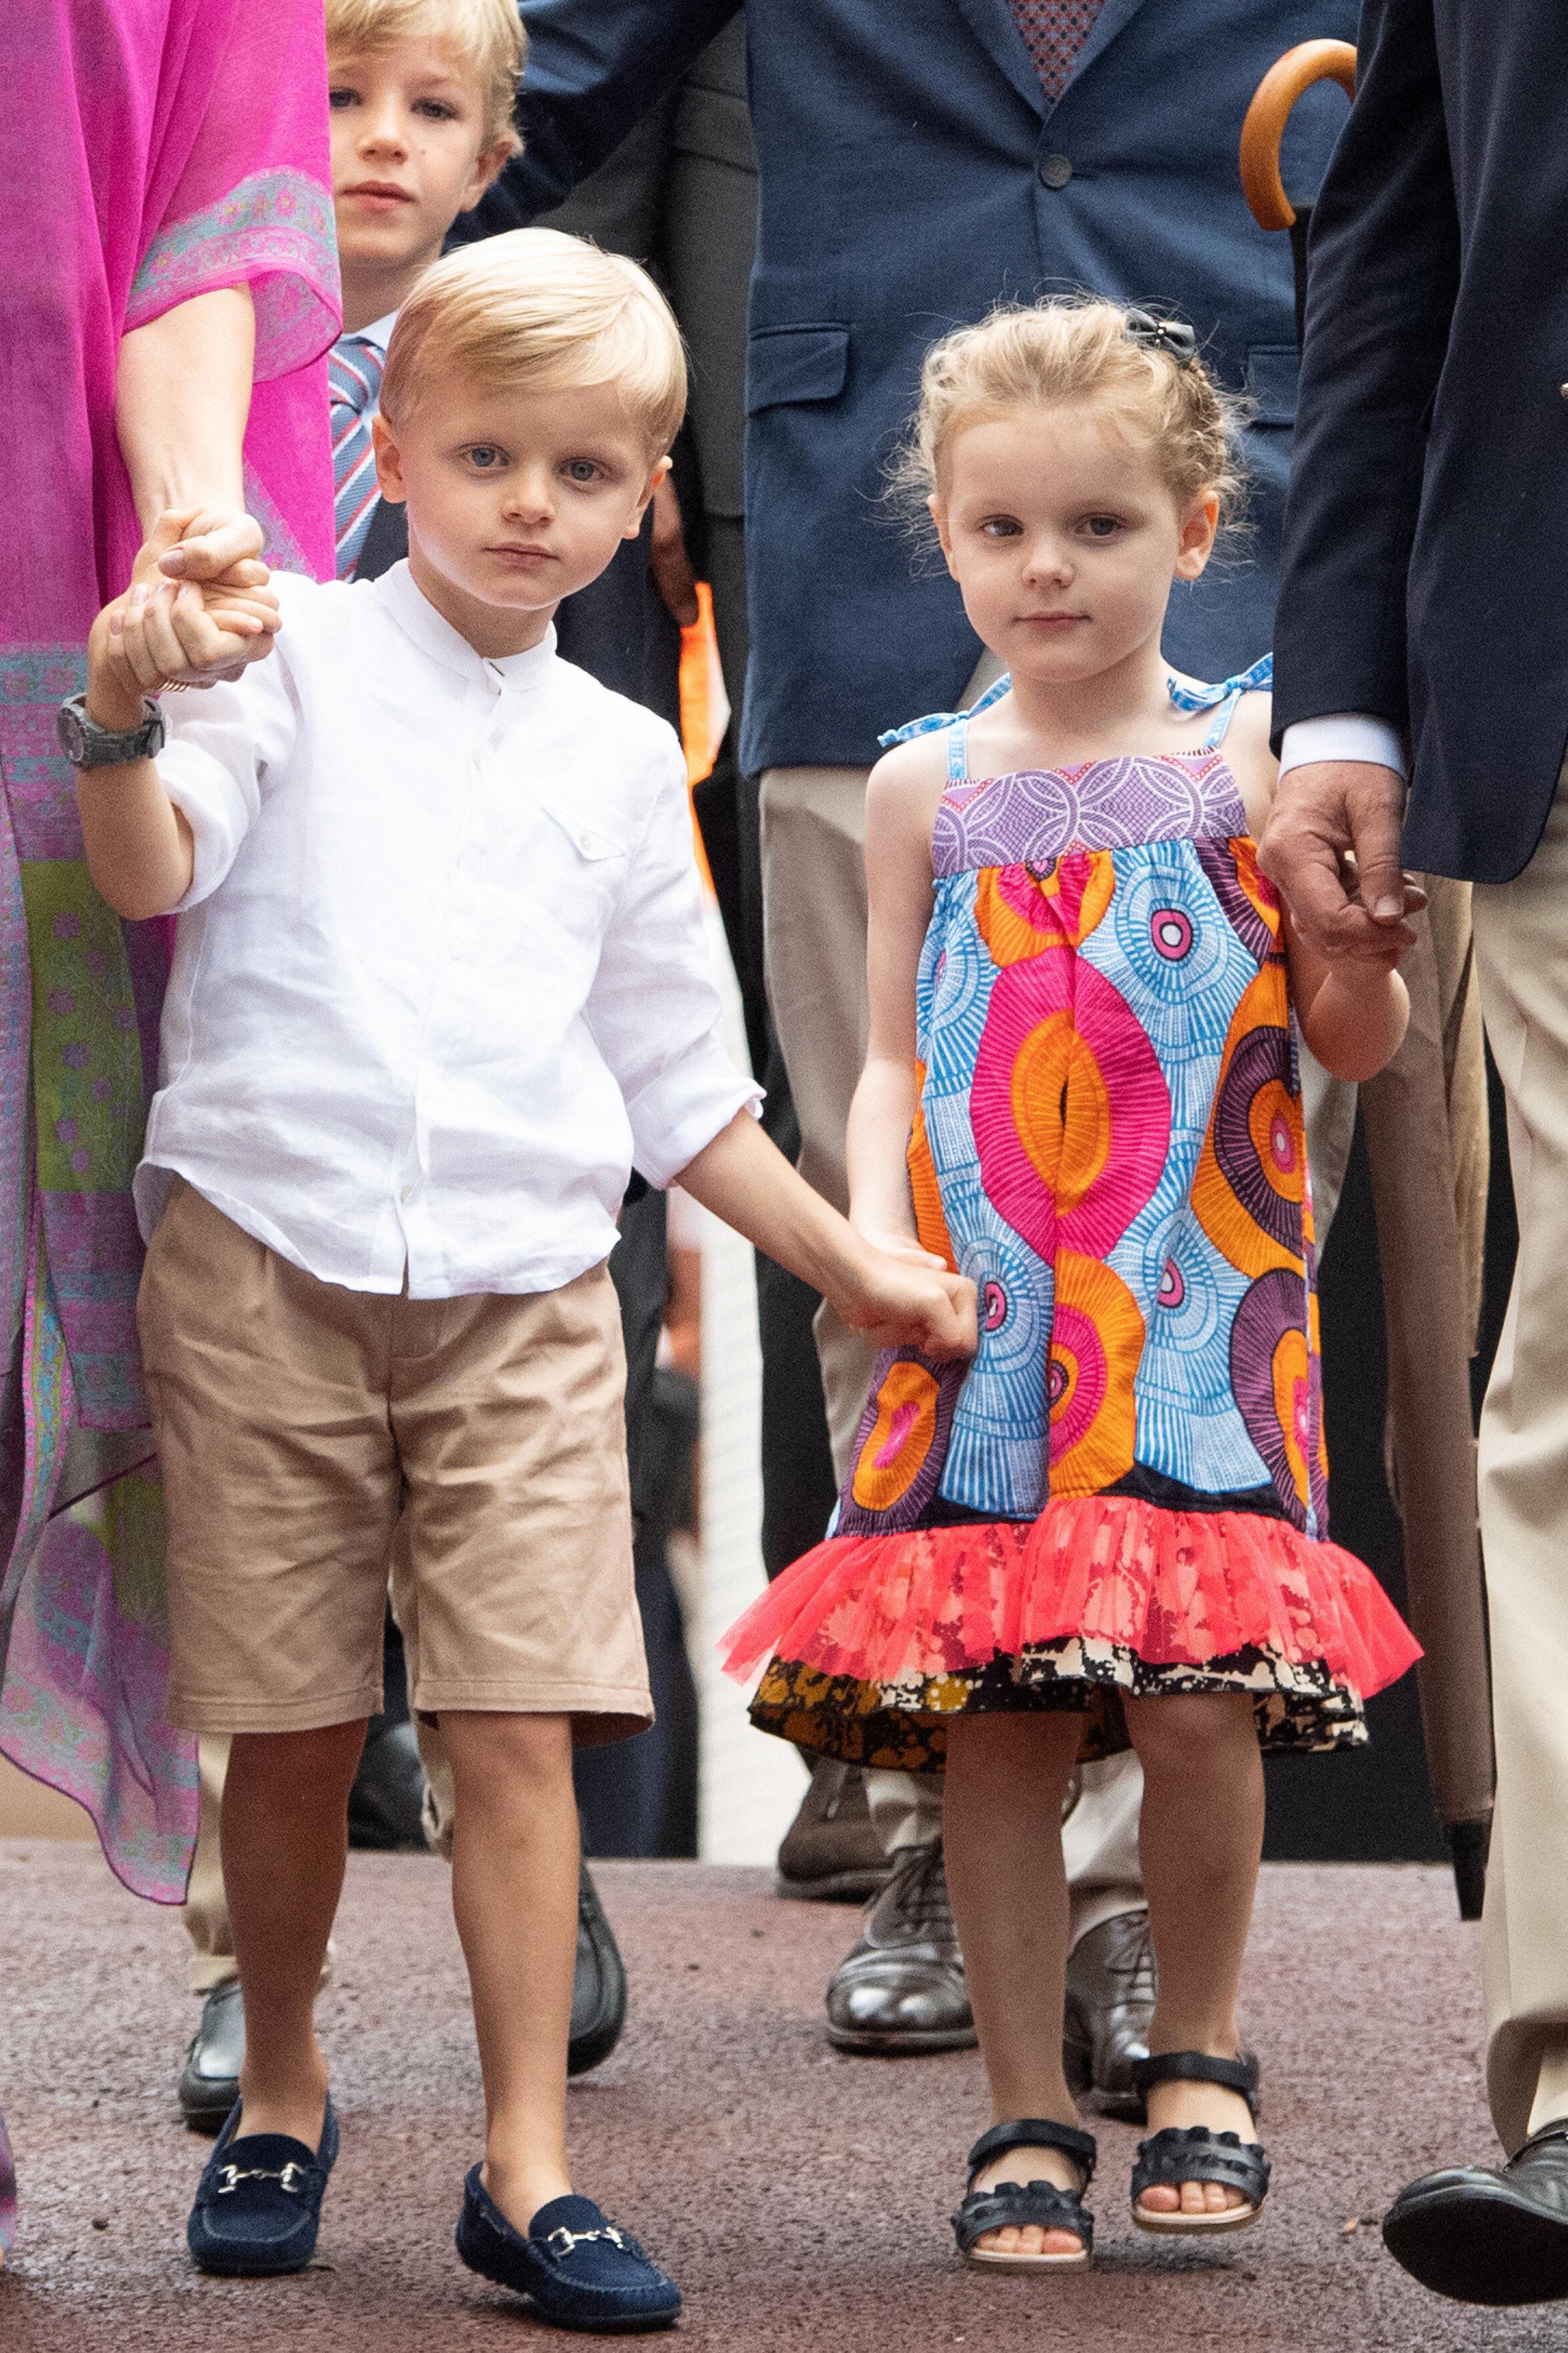 """Fürstin Charlène über Prinz Jacques und Prinzessin Gabriella: """"Wir schützen sie sehr, wir sind uns bewusst, dass ihre unmittelbare Umgebung nicht die natürlichste ist, um aufzuwachsen. Aber glauben Sie mir, ich bin erstaunt, wie sie sich an alle Situationen anpassen.""""  © picture alliance / abaca"""